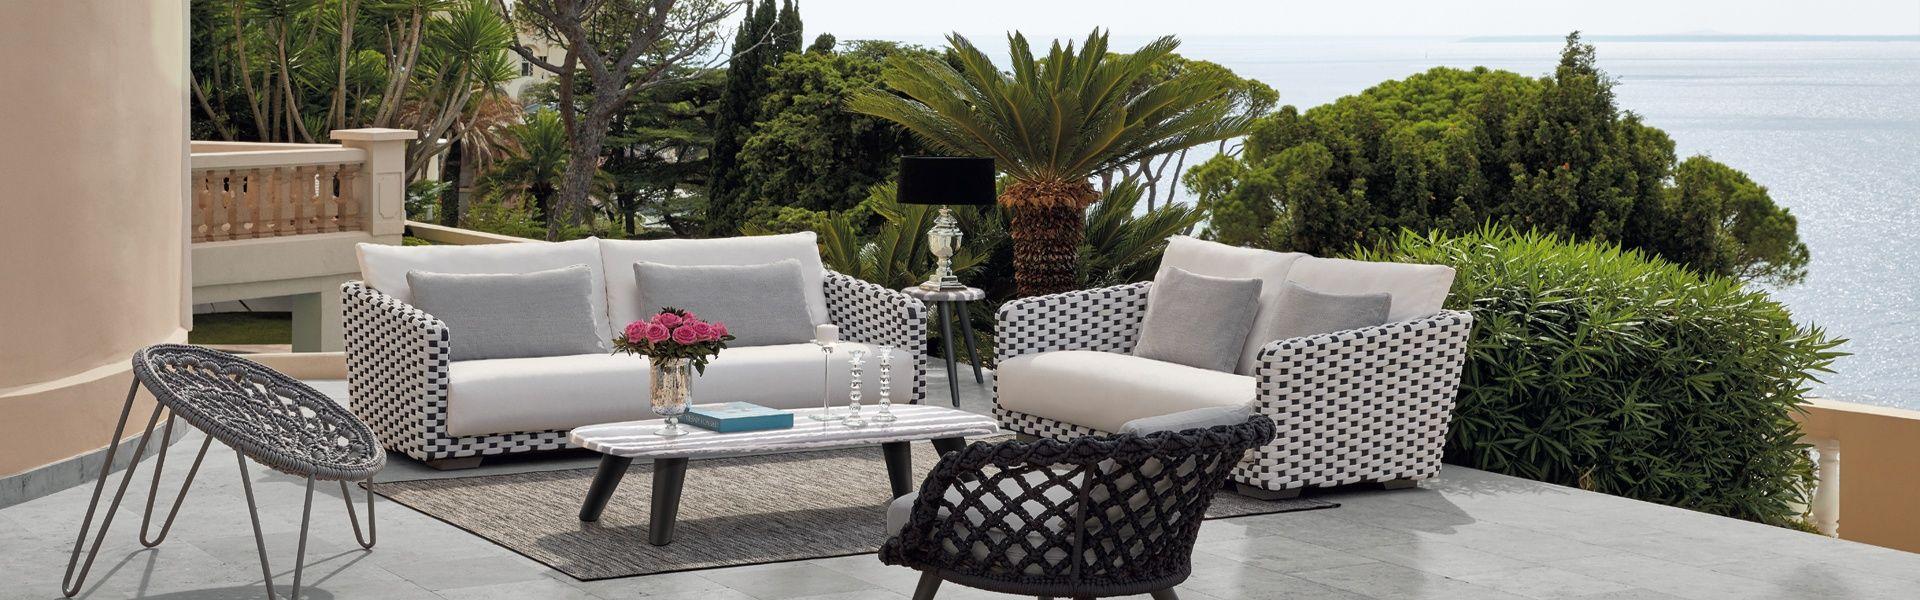 Sifas : Mobilier Et Meuble D'intérieur Et Extérieur Haut De ... à Vente Privée Salon De Jardin